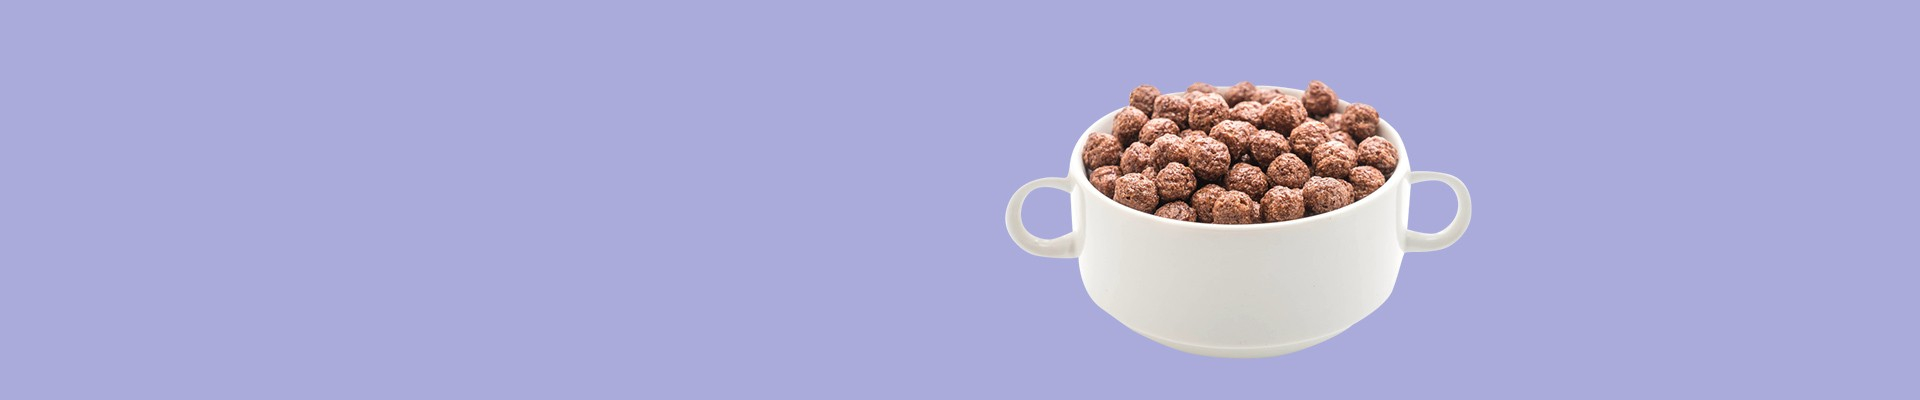 Jual Sereal - Beli Cereal Harga Murah